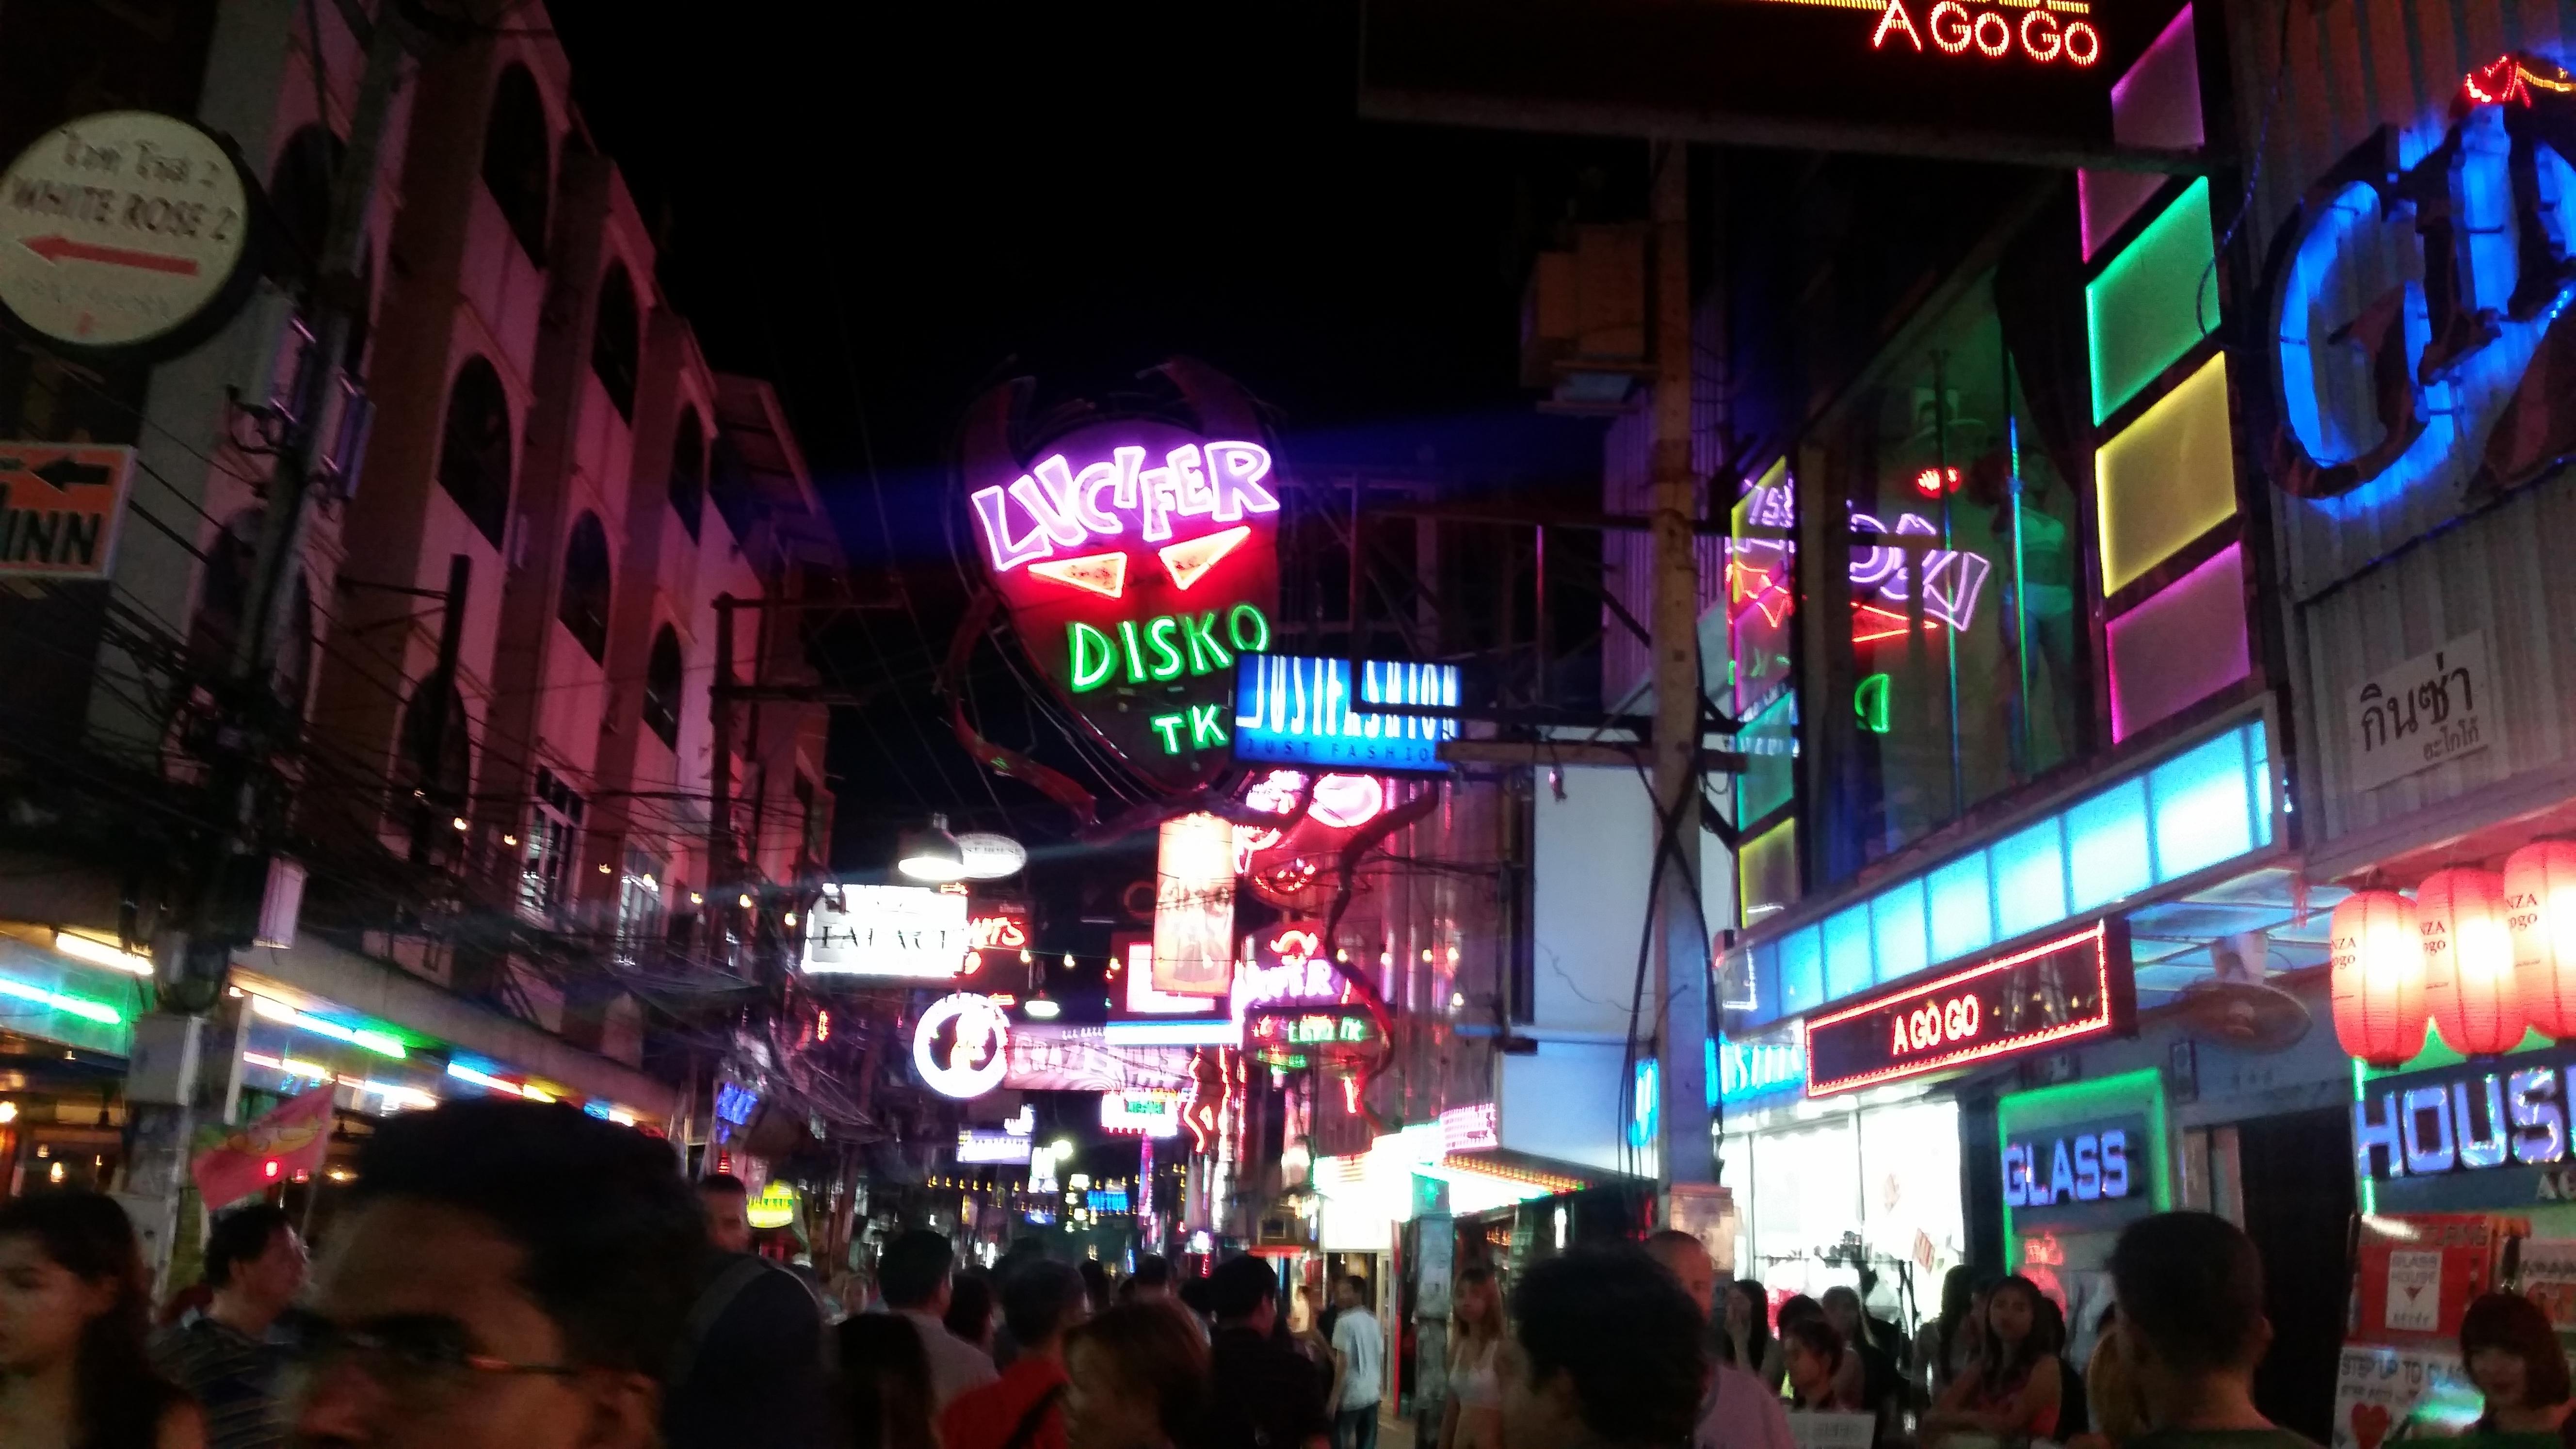 20160321 204710 - Walking Street Pattaya TH